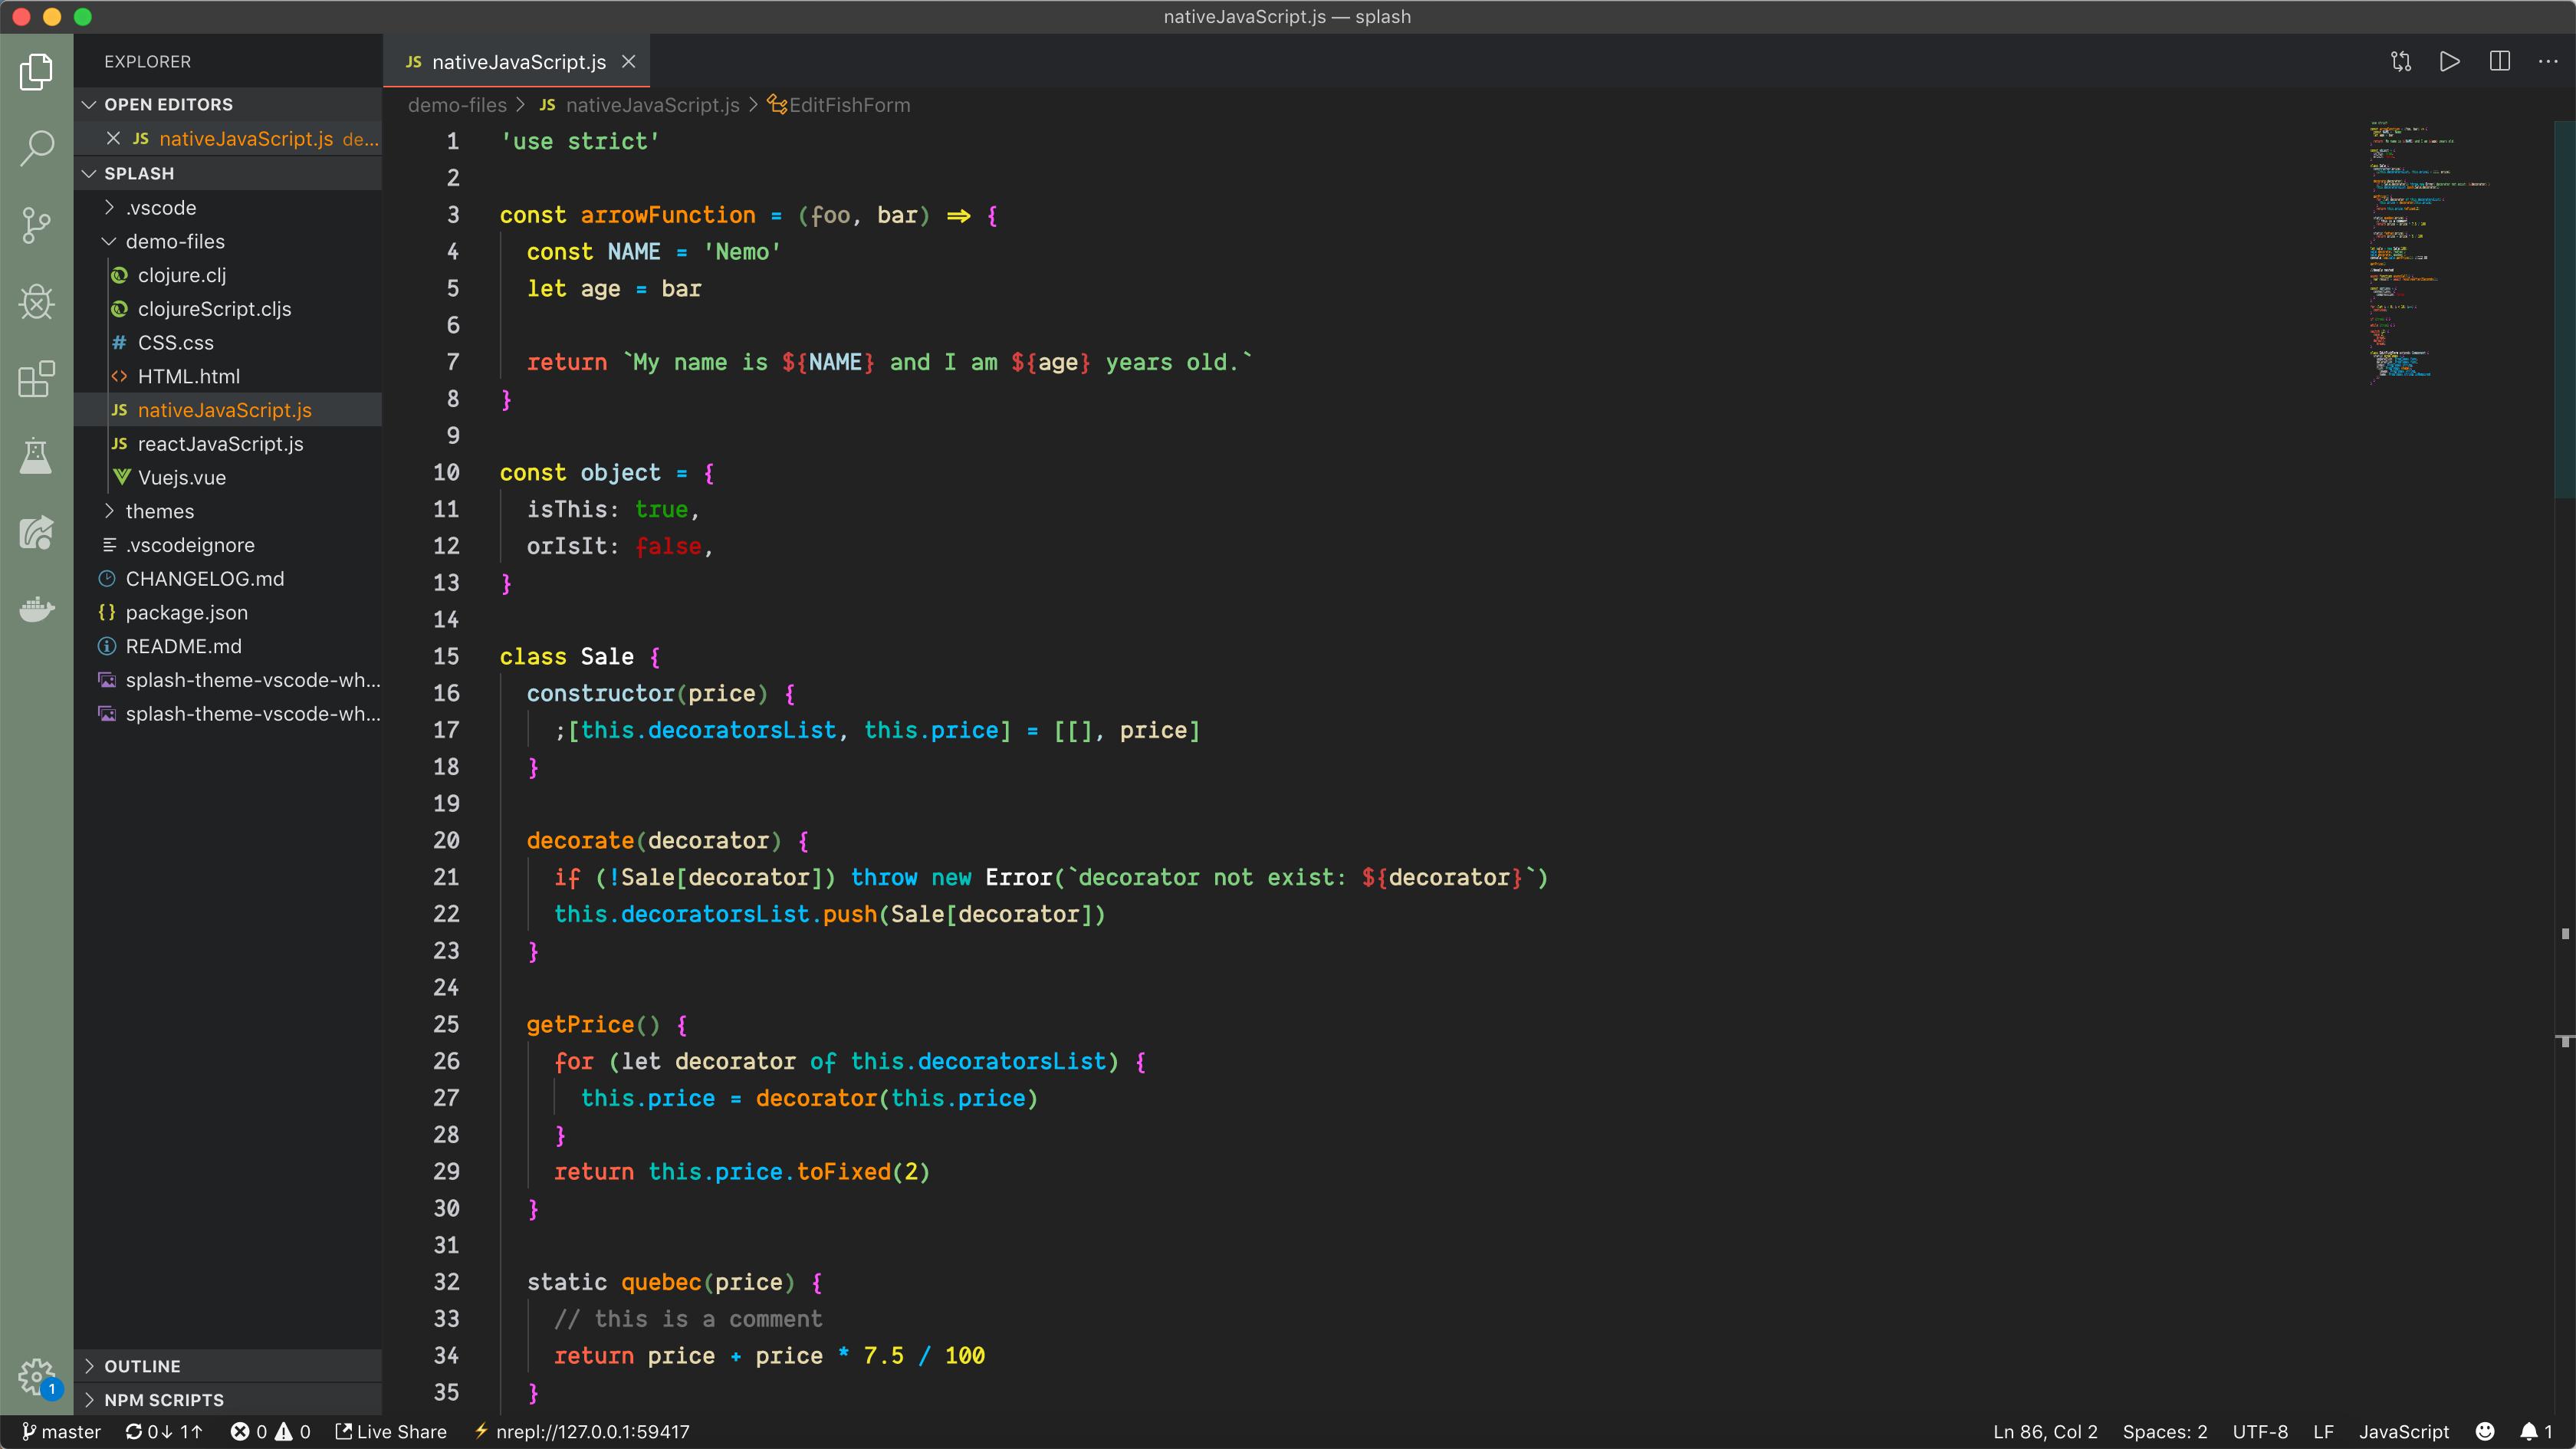 nativeJavaScript